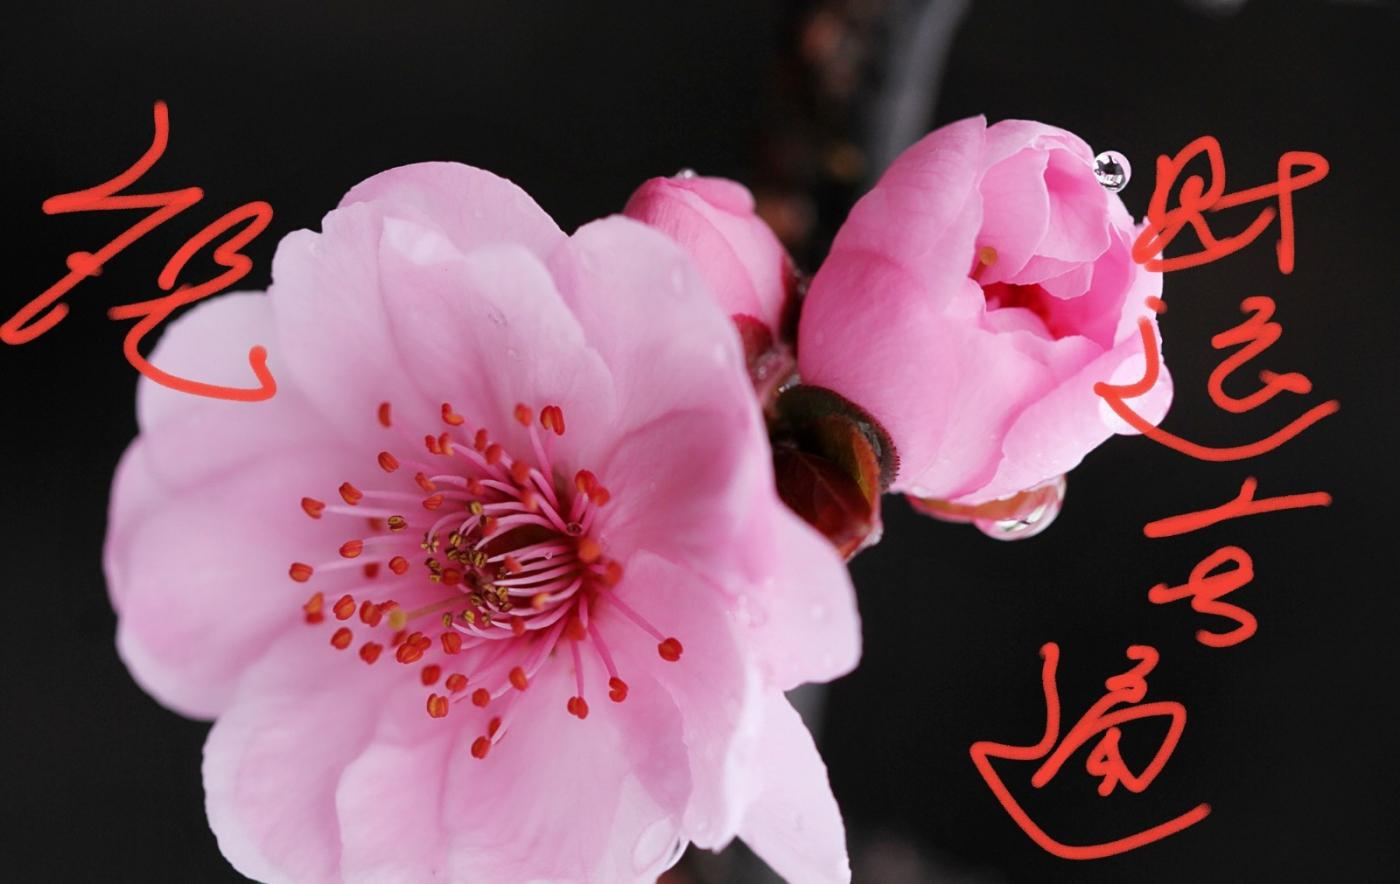 〔田螺攝影〕把祝福寫進花開里 新年好!_圖1-5